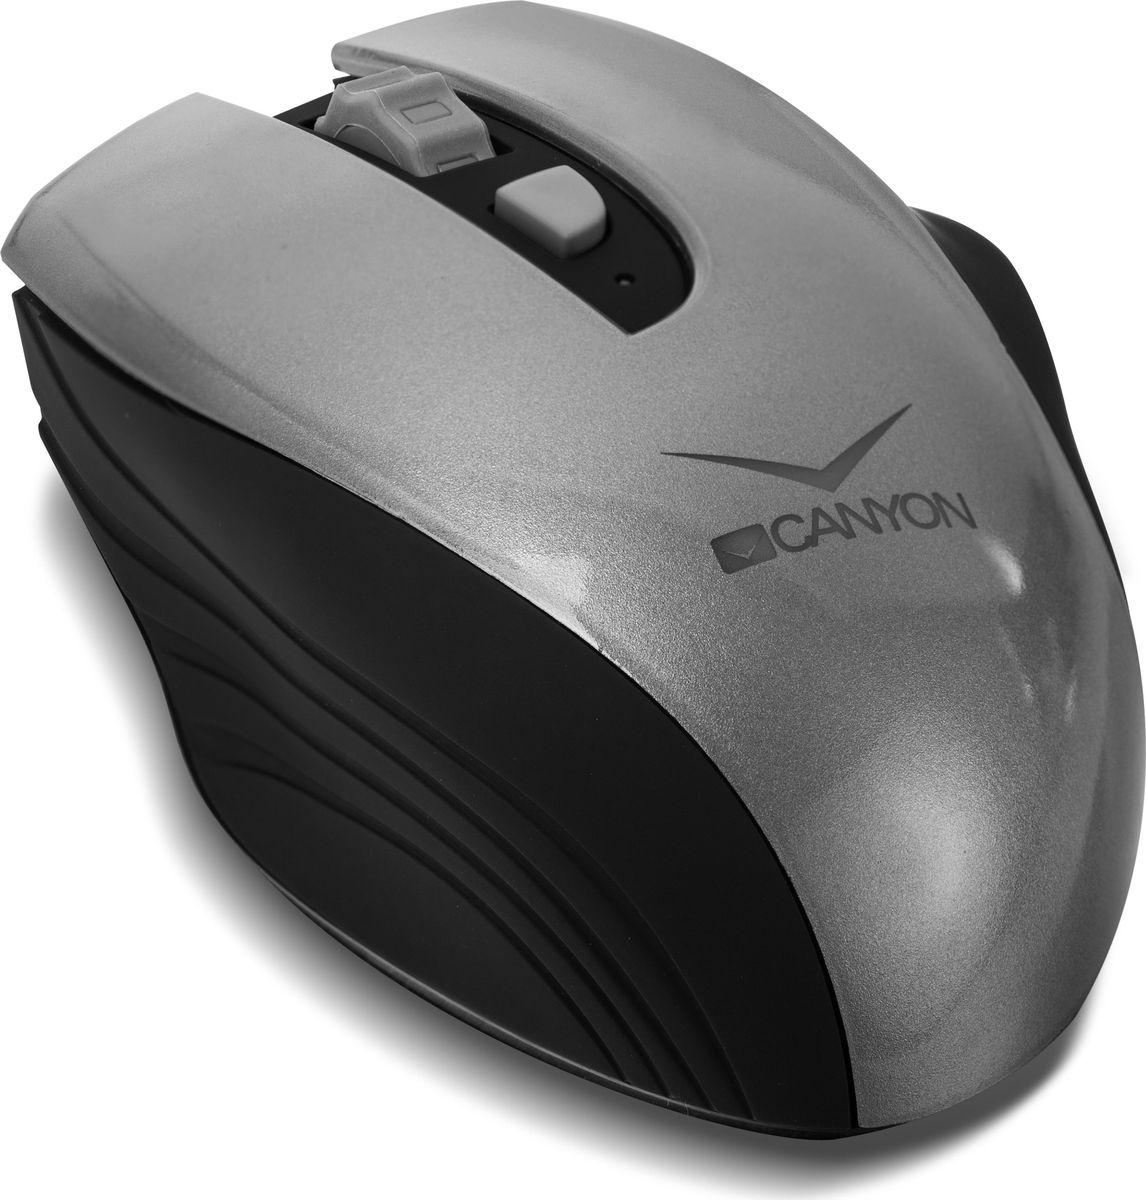 Canyon CNS-CMSW7G, Graphite мышь беспроводнаяCNS-CMSW7GЗабудьте о смене батареек – мышка Canyon CNS-CMSW7 в них не нуждается! Теперь работать с беспроводной мышью намного комфортнее и экономнее, ведь в любое время ее можно зарядить через USB-порт, либо от розетки. При этом заряда хватает на 2 недели работы. Мышь CNS-CMSW7 оснащена переключателем чувствительности датчика между 800, 1200 и 1600 DPI, что весьма облегчает работу на большом экране, либо на двух мониторах. Форма мыши имеет идеальную эргономику и создана для максимально удобного захвата в правой руке. В комплекте – микро USB-приемник для зарядки и подключения к компьютеру.